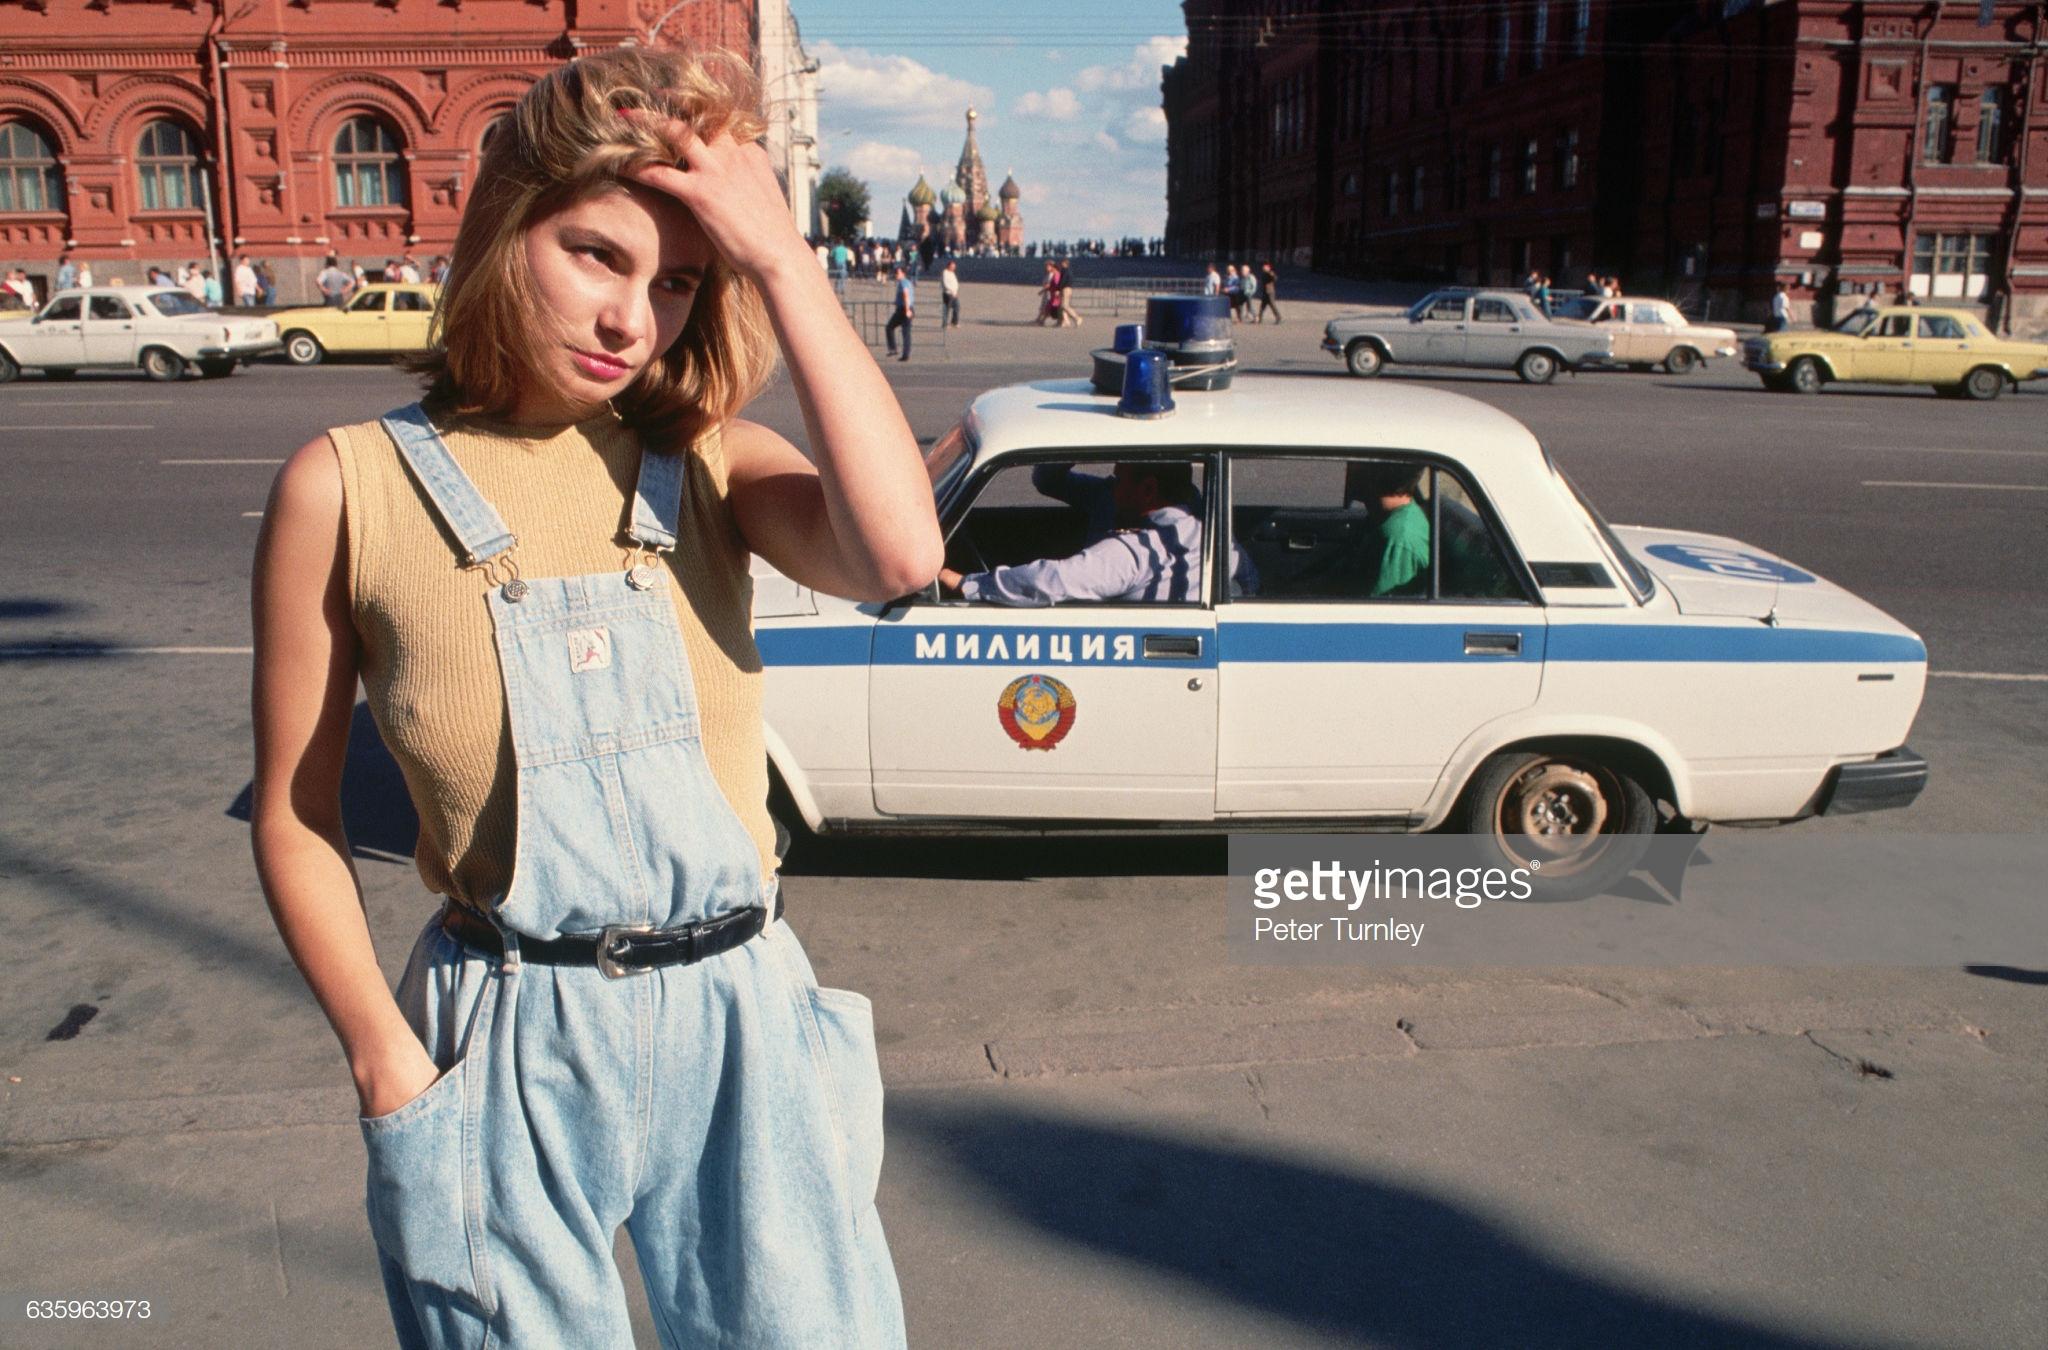 15. Проститутка Катя, 18 лет, стоит рядом с милицейской машиной на улице возле Красной площади